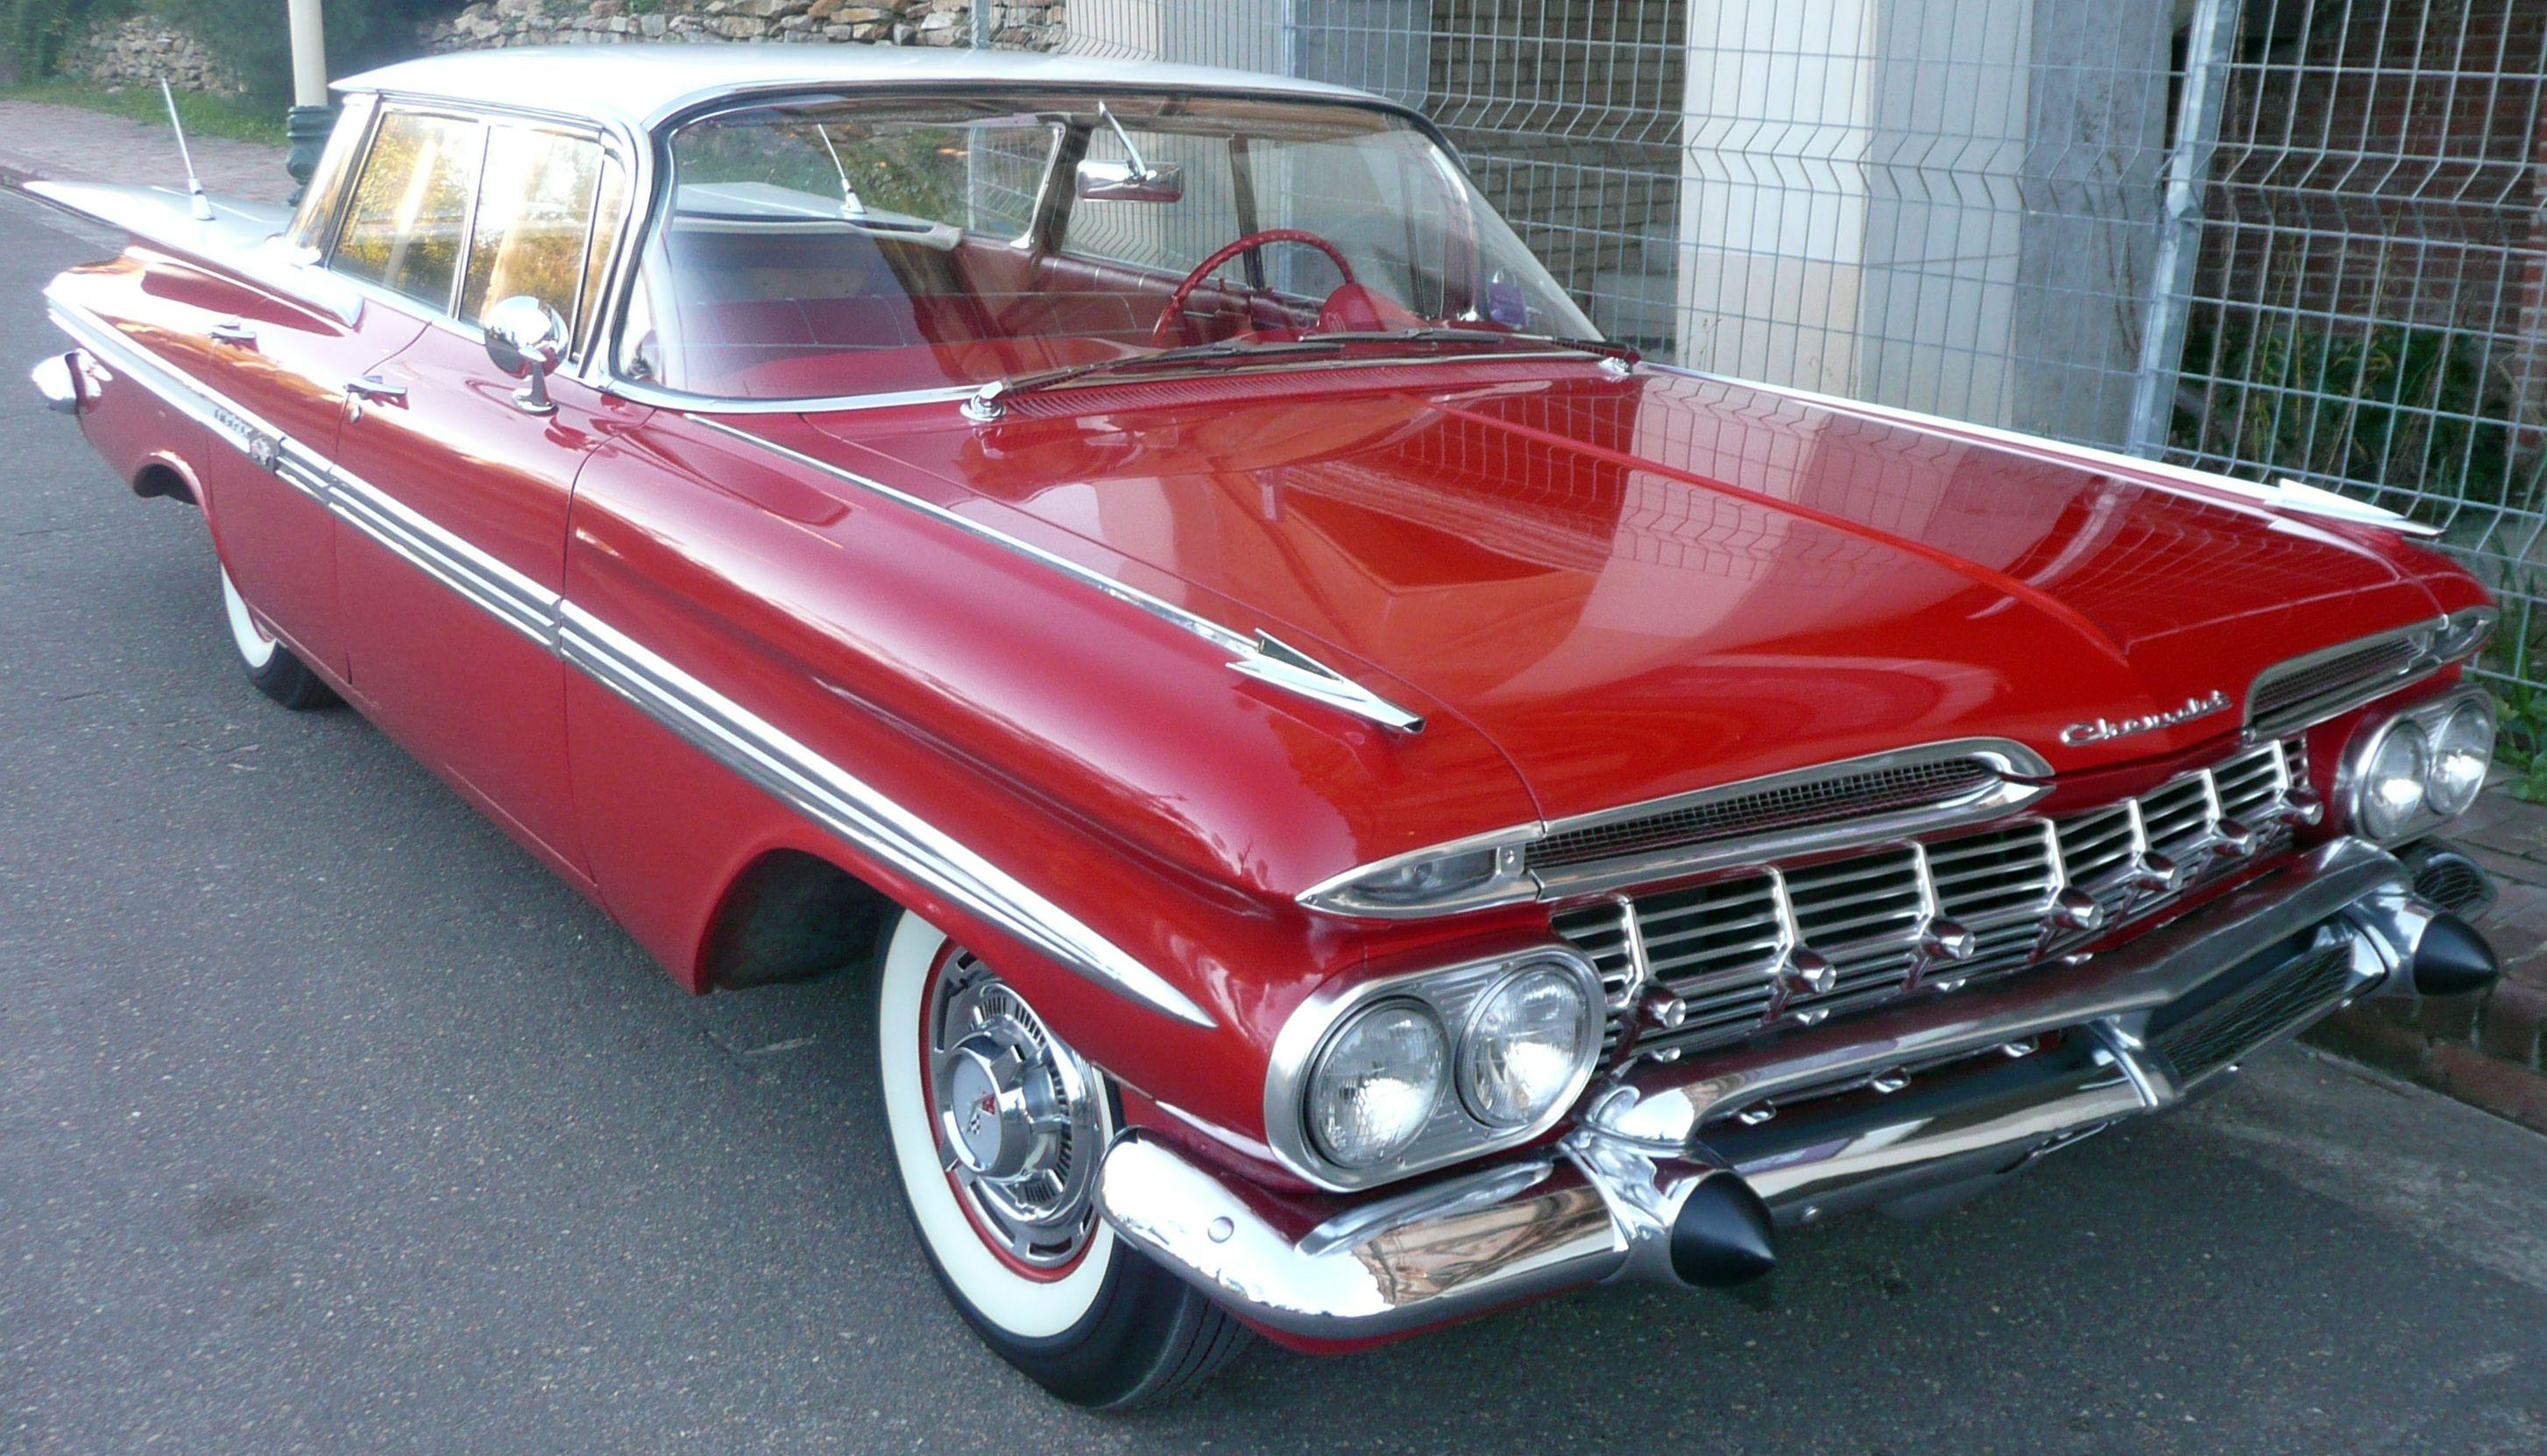 1959 Impala 4 Door Hardtop Chevrolet Impala Car Chevrolet 1960 Chevy Impala